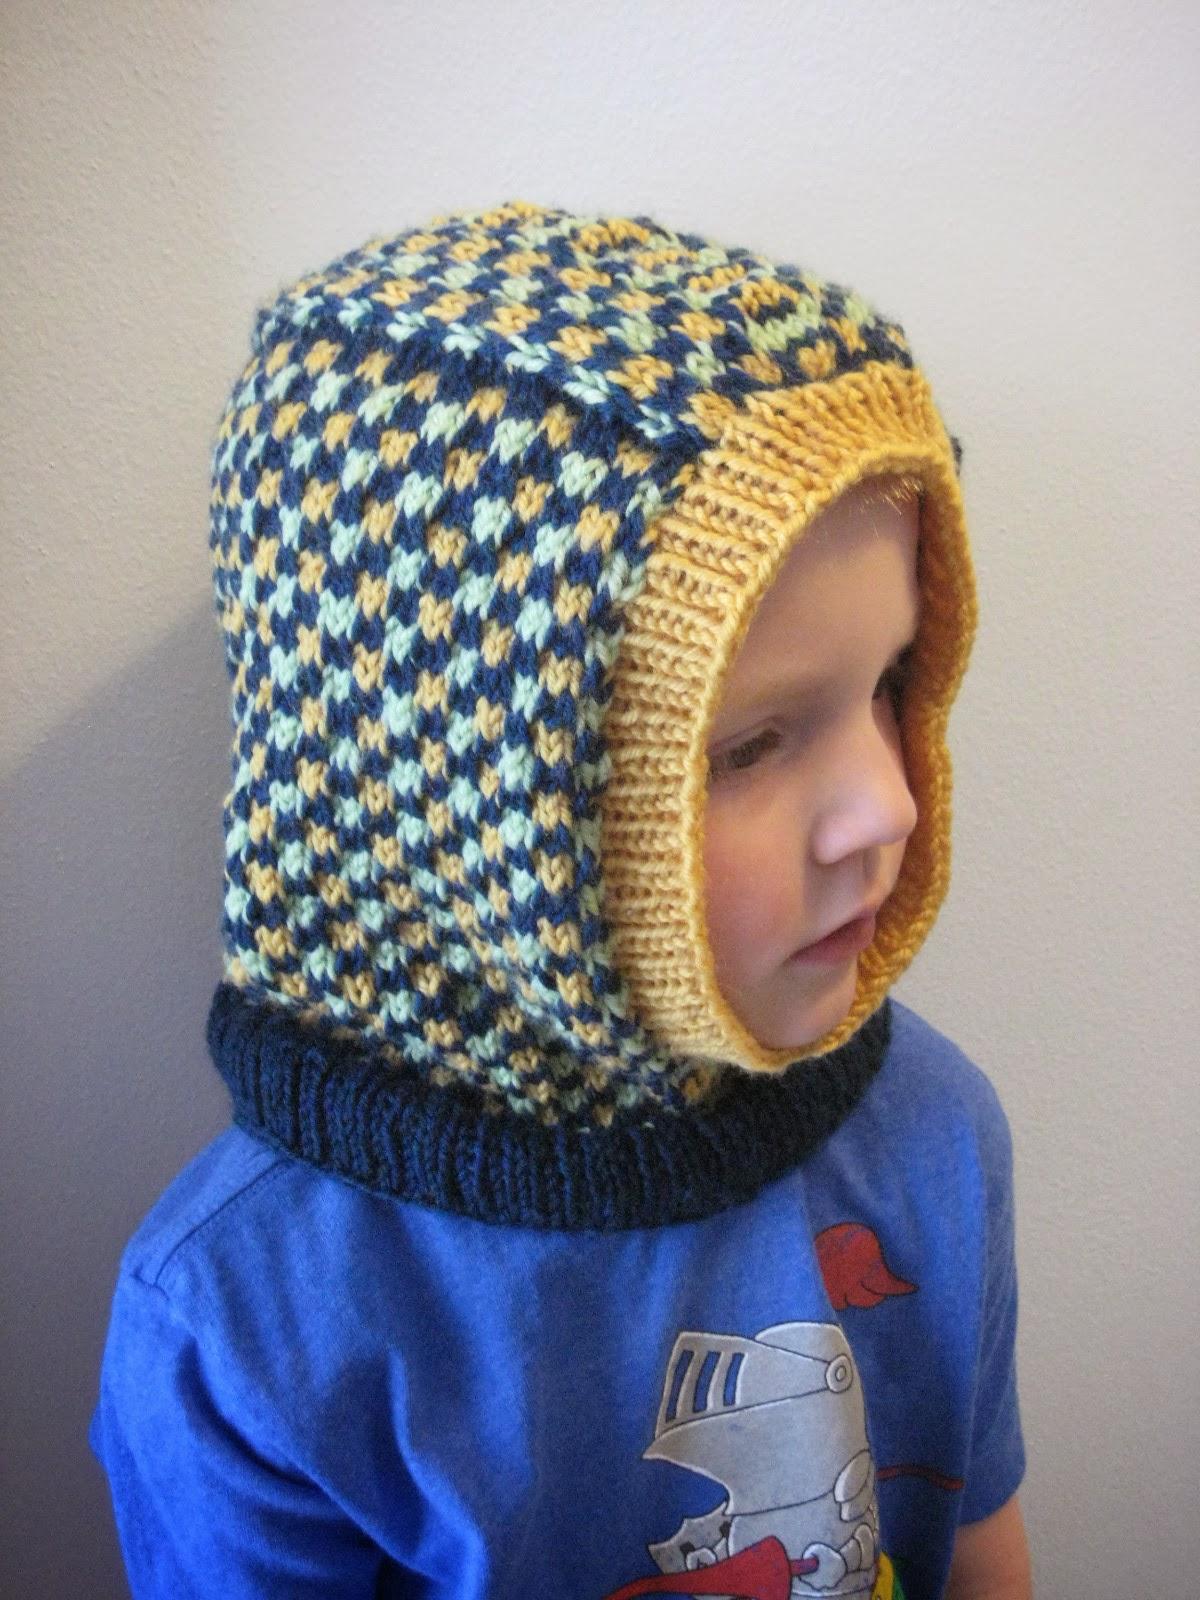 Knitting Pattern Balaclava Balls To The Walls Knits Kids Dice Check Balaclava